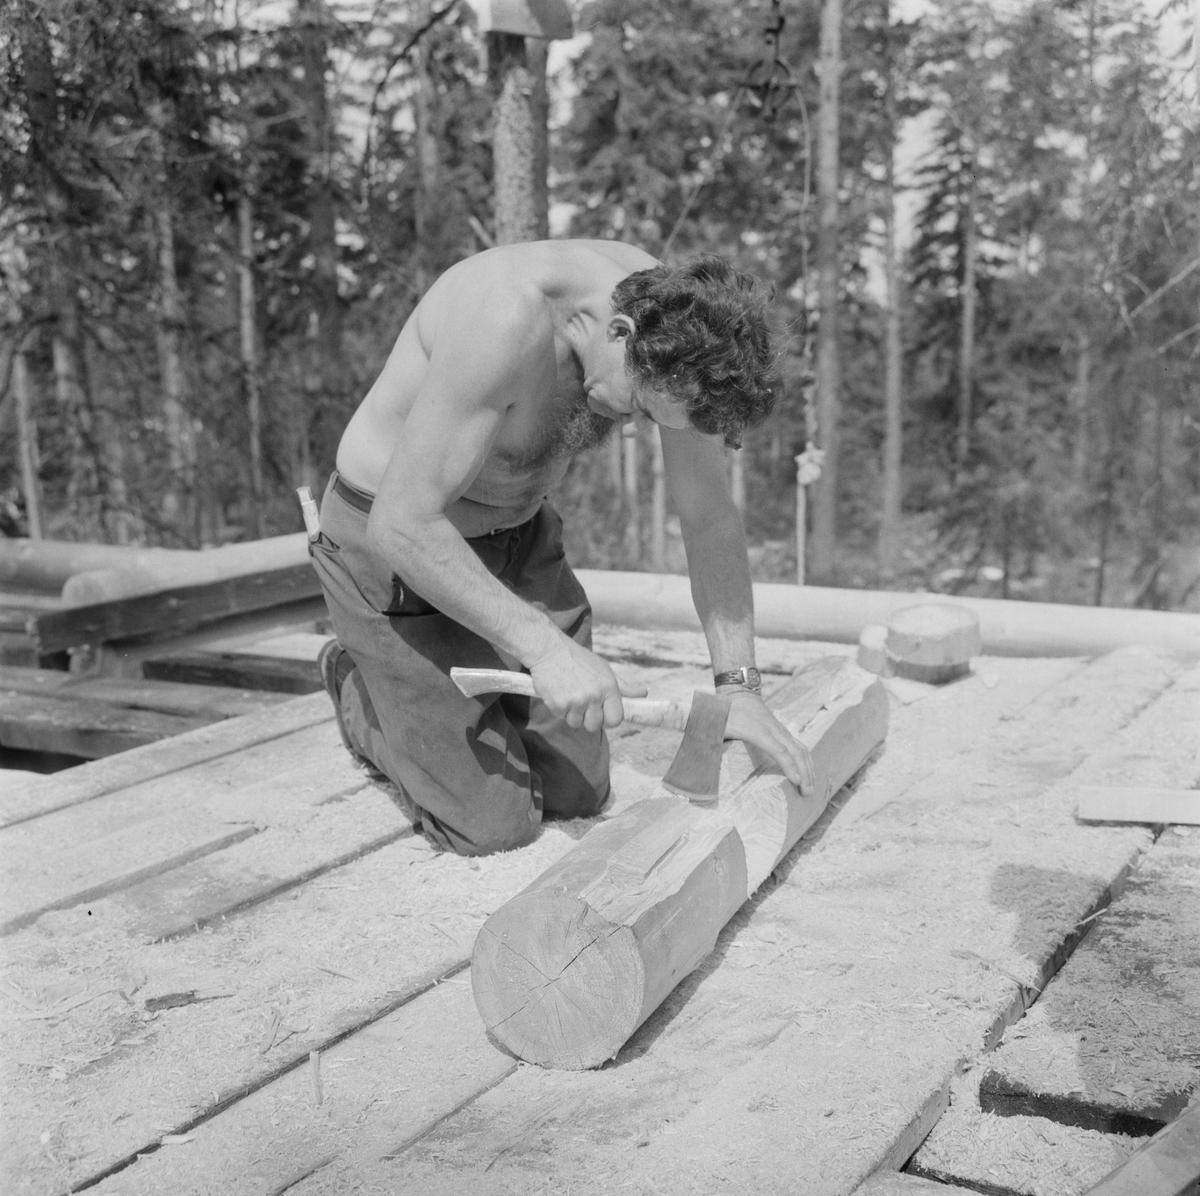 Timmerhusbyggare i Fagerviken, Hållnäs socken, Uppland augusti 1978